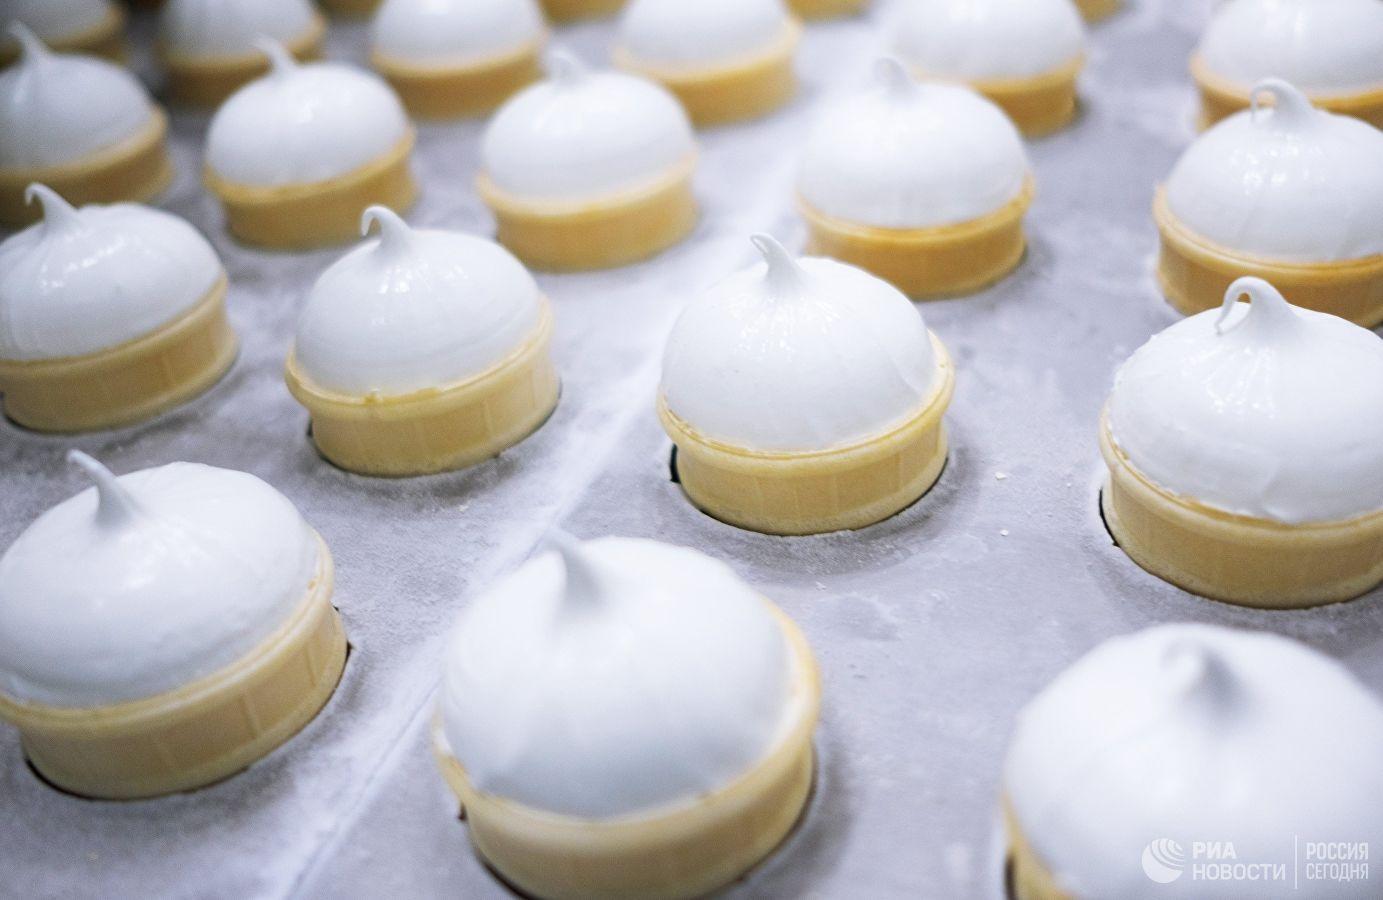 Мороженое из козьего молока начали выпускать в Атырау